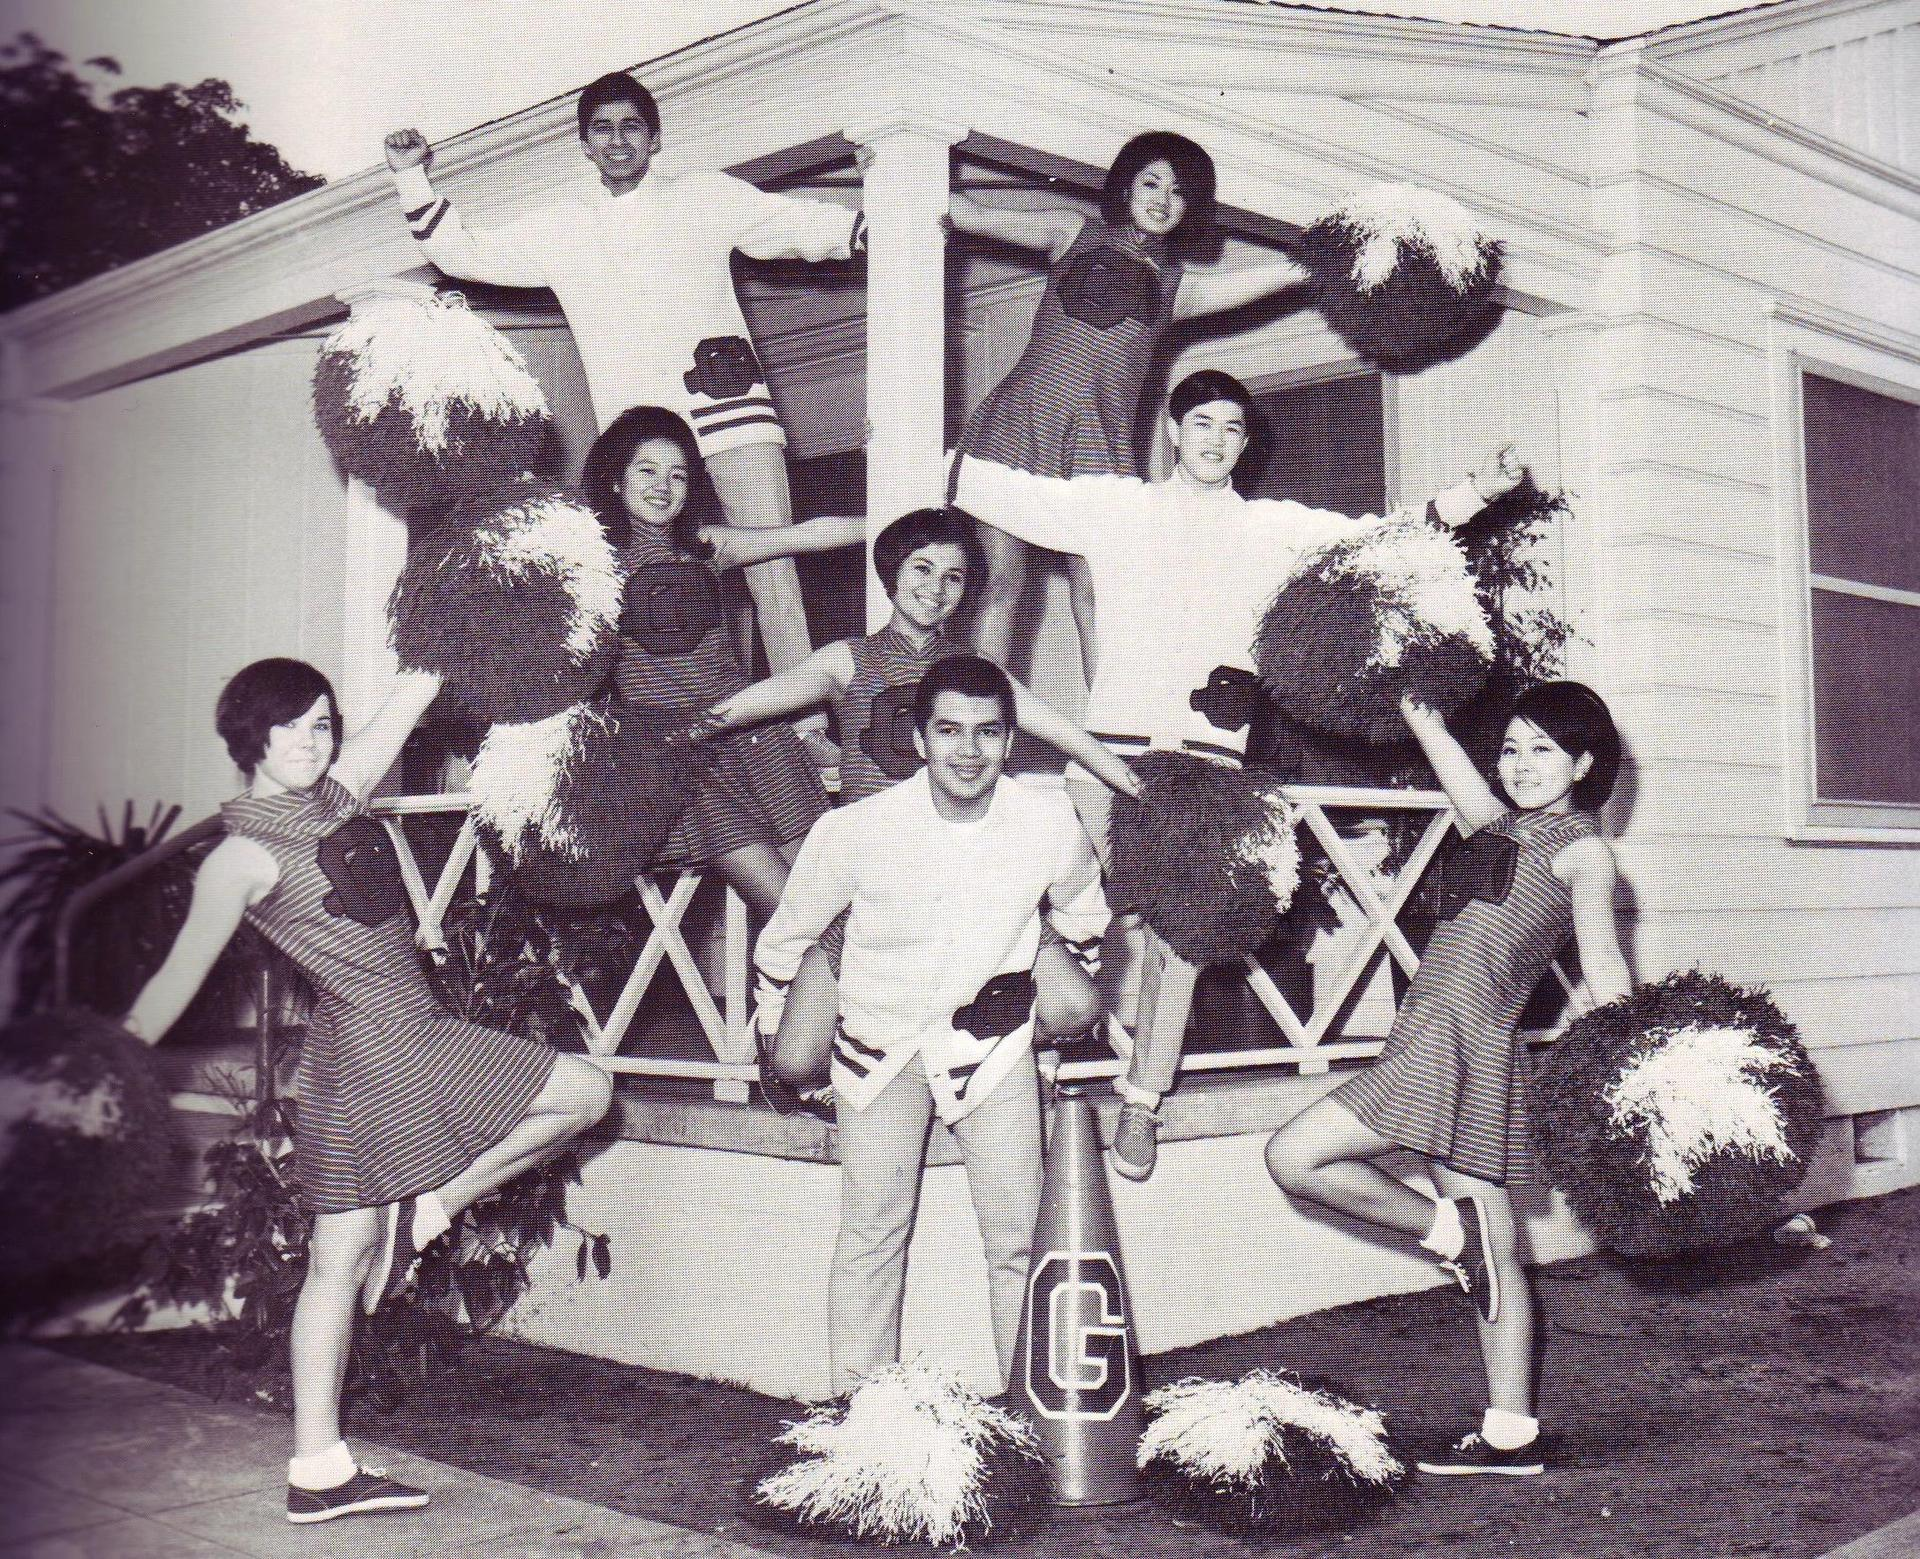 Cheerleaders at the Reiterman House